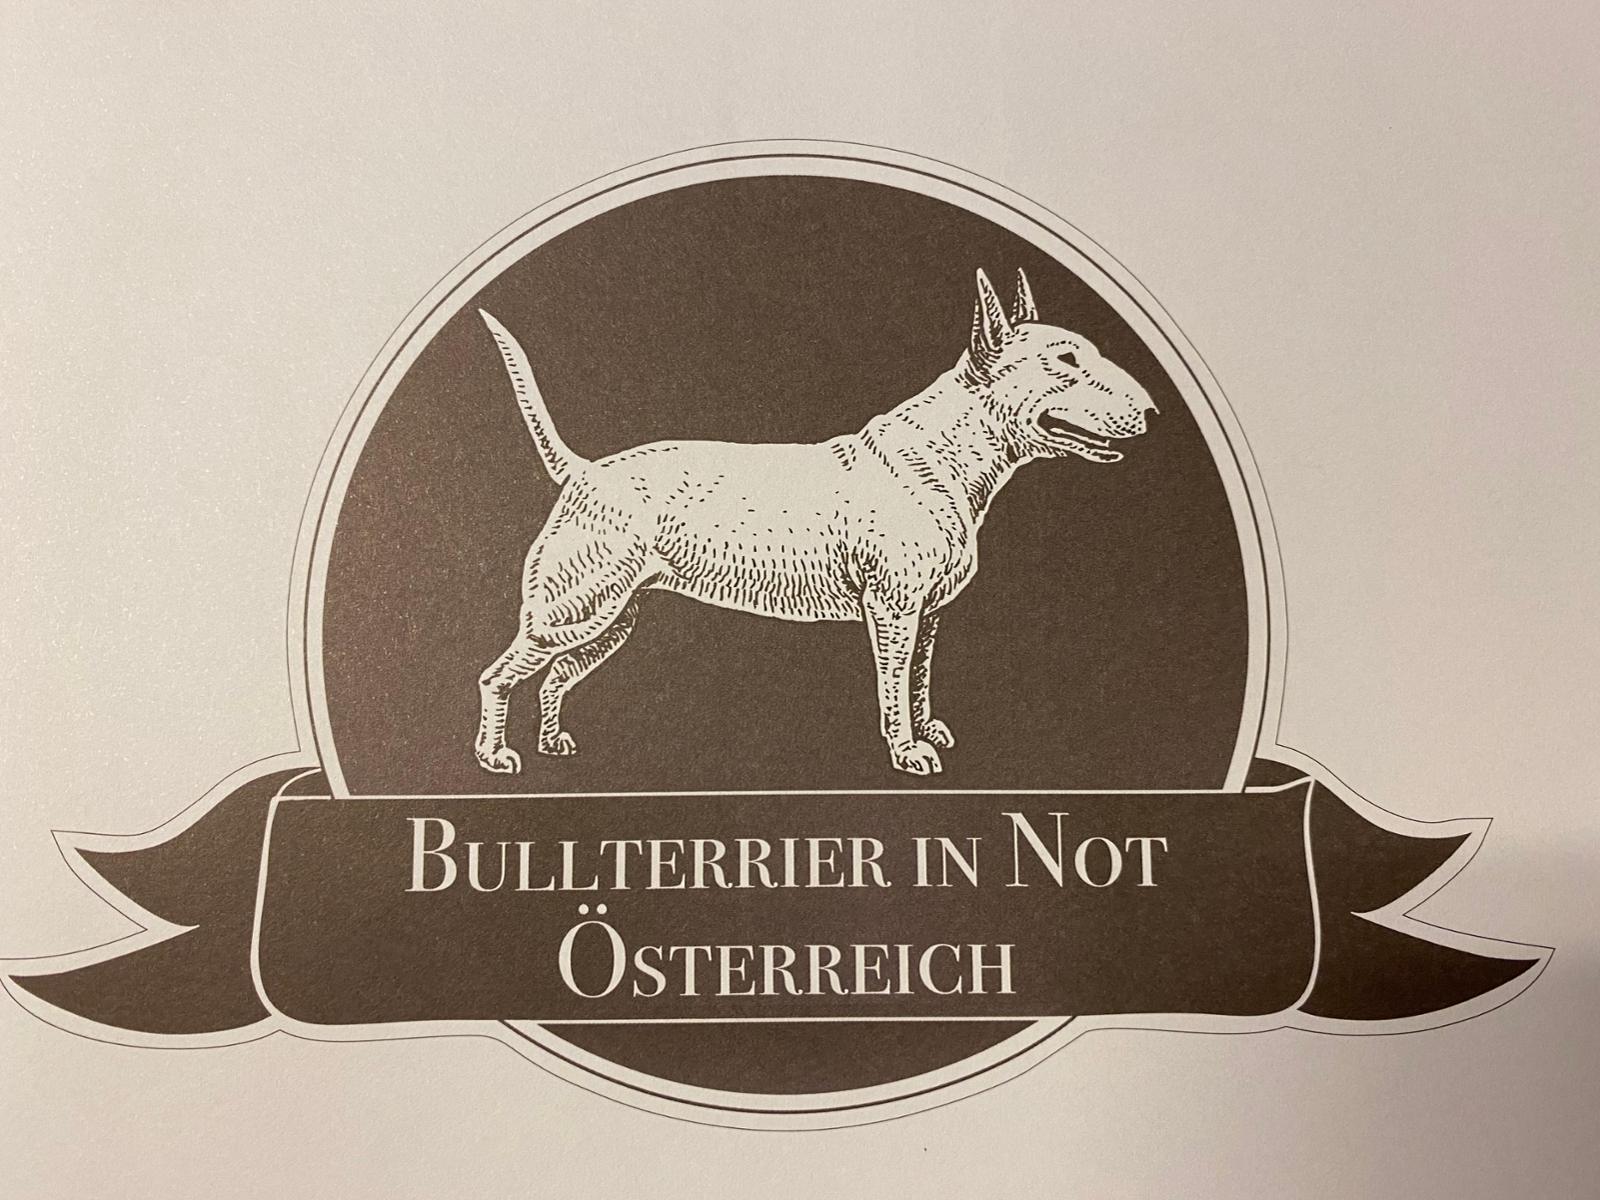 Bullterrier in Not Österreich